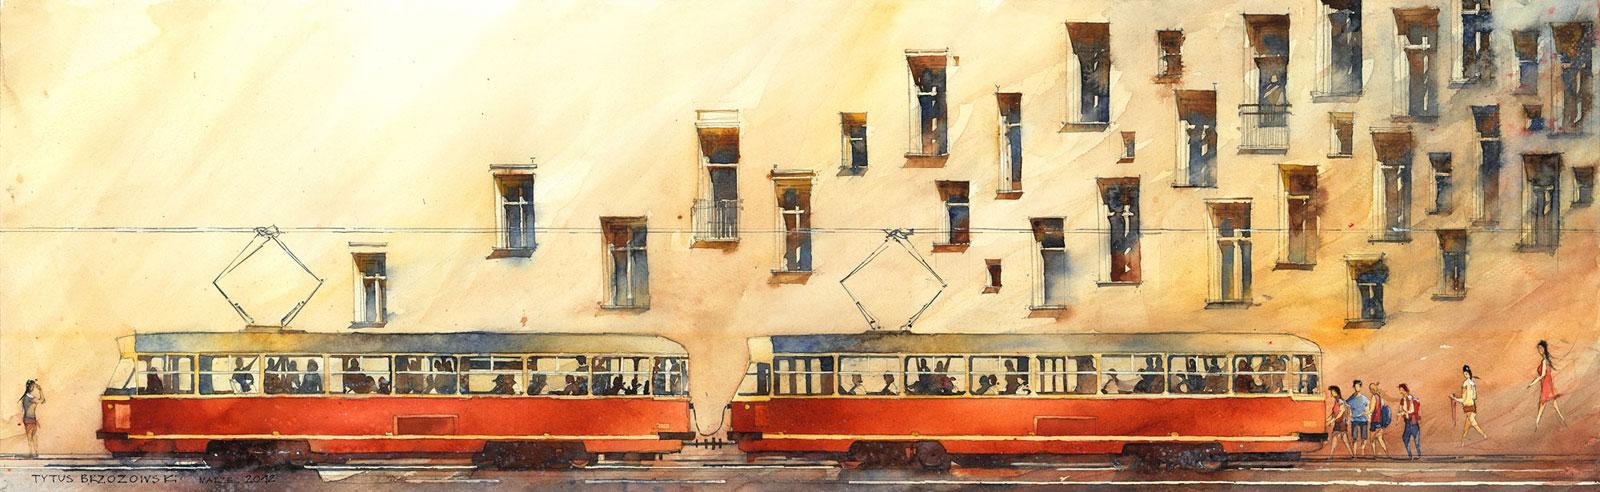 Tytus Brzozowski, Tramwaj